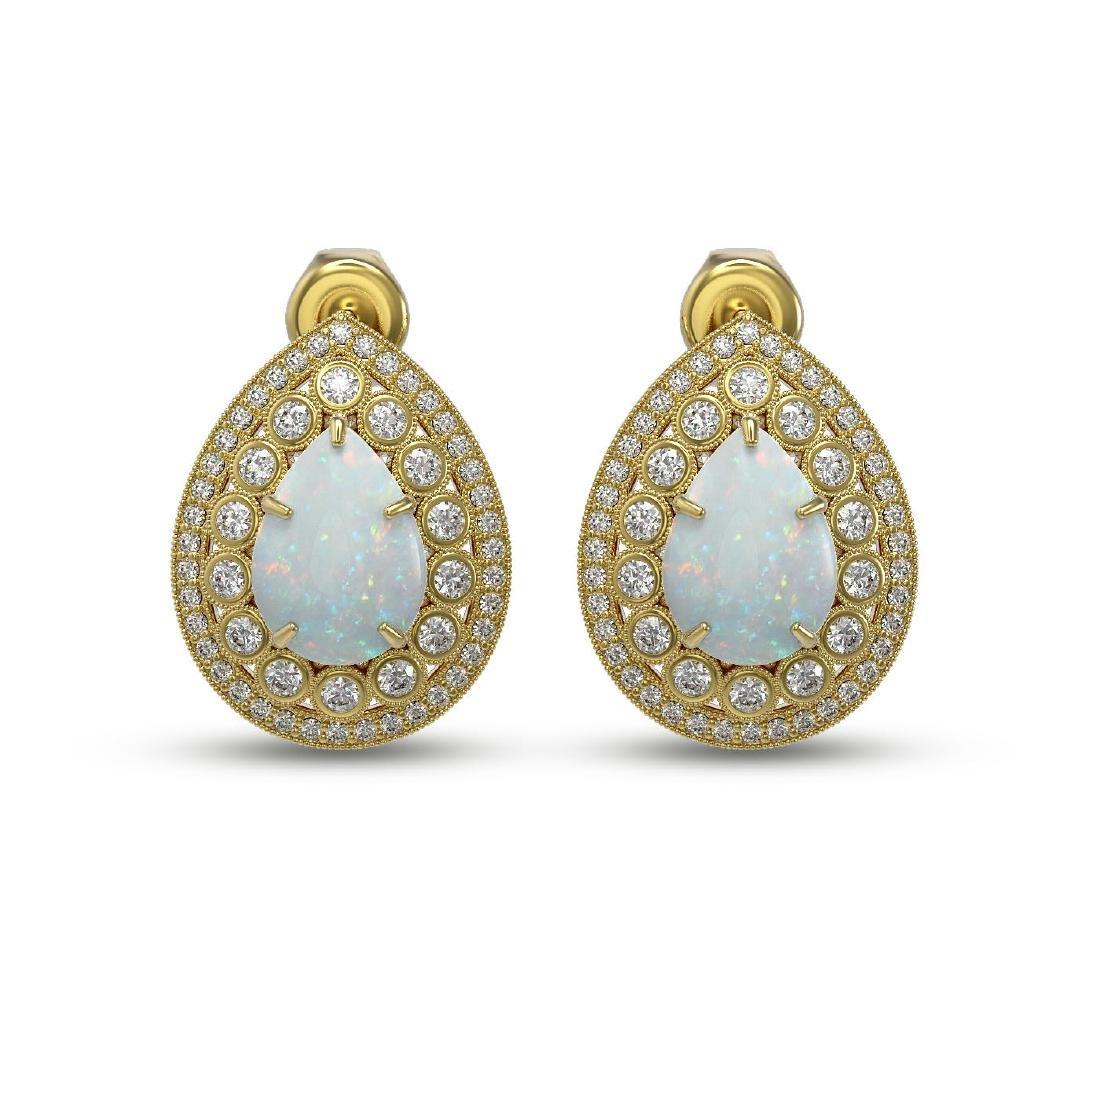 7.88 ctw Opal & Diamond Earrings 14K Yellow Gold -